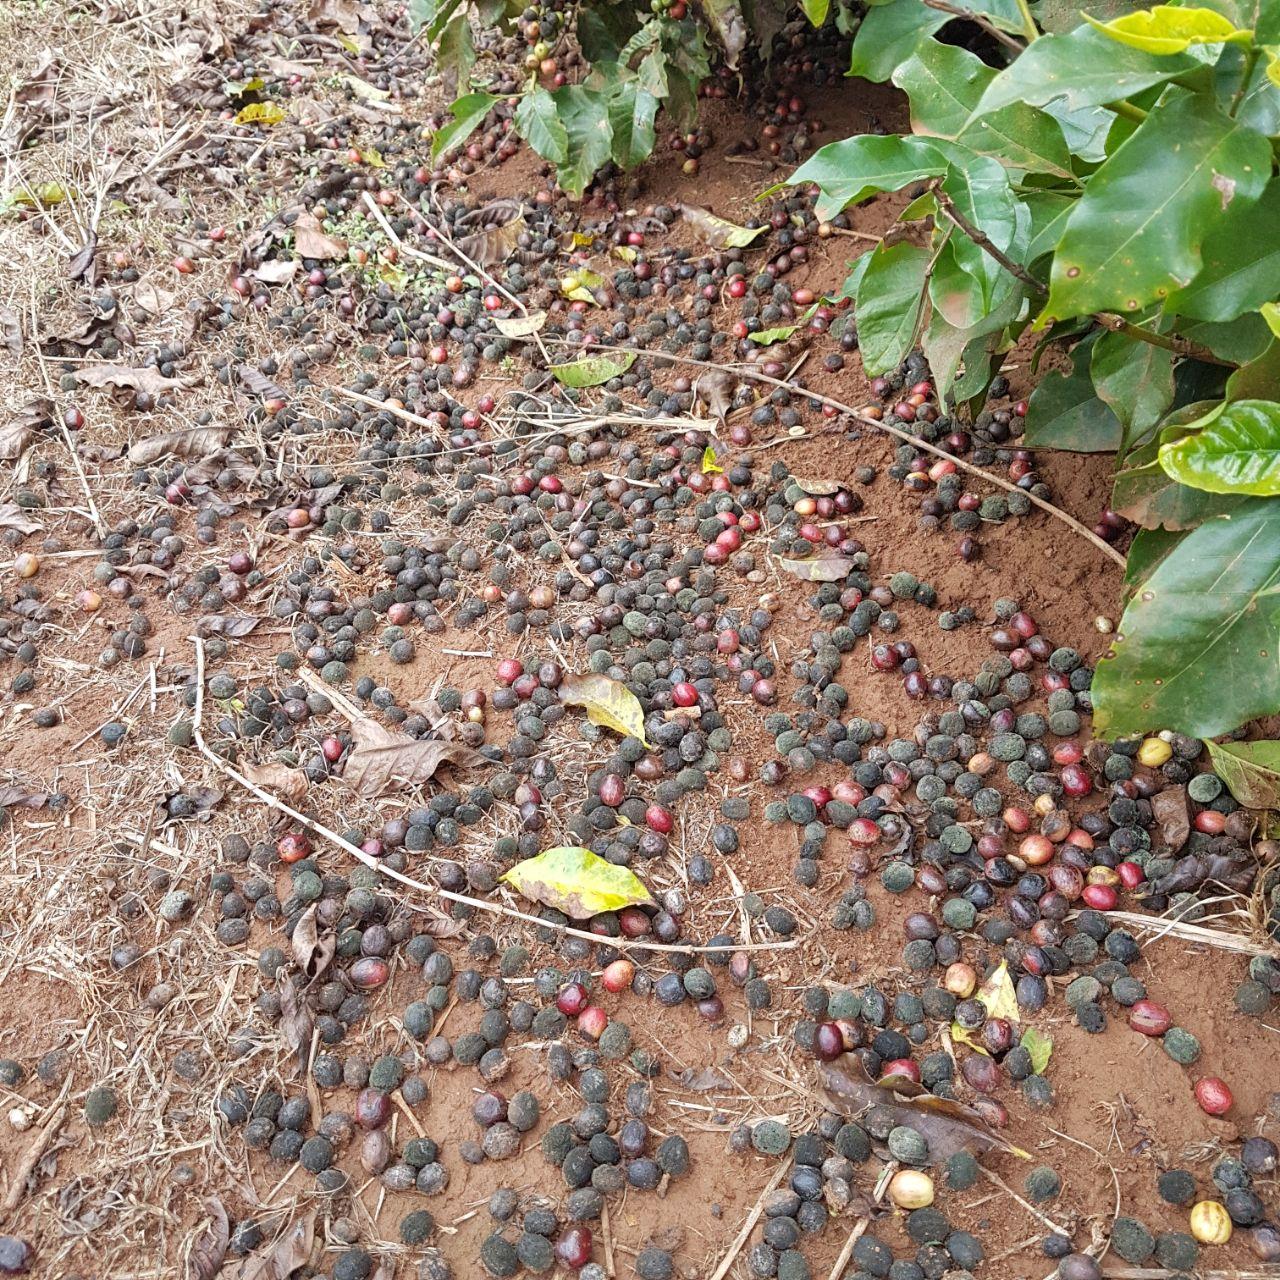 Café no chão por conta das chuvas em São José da Bela Vista (SP) - Foto: Marcelo Jordão Filho